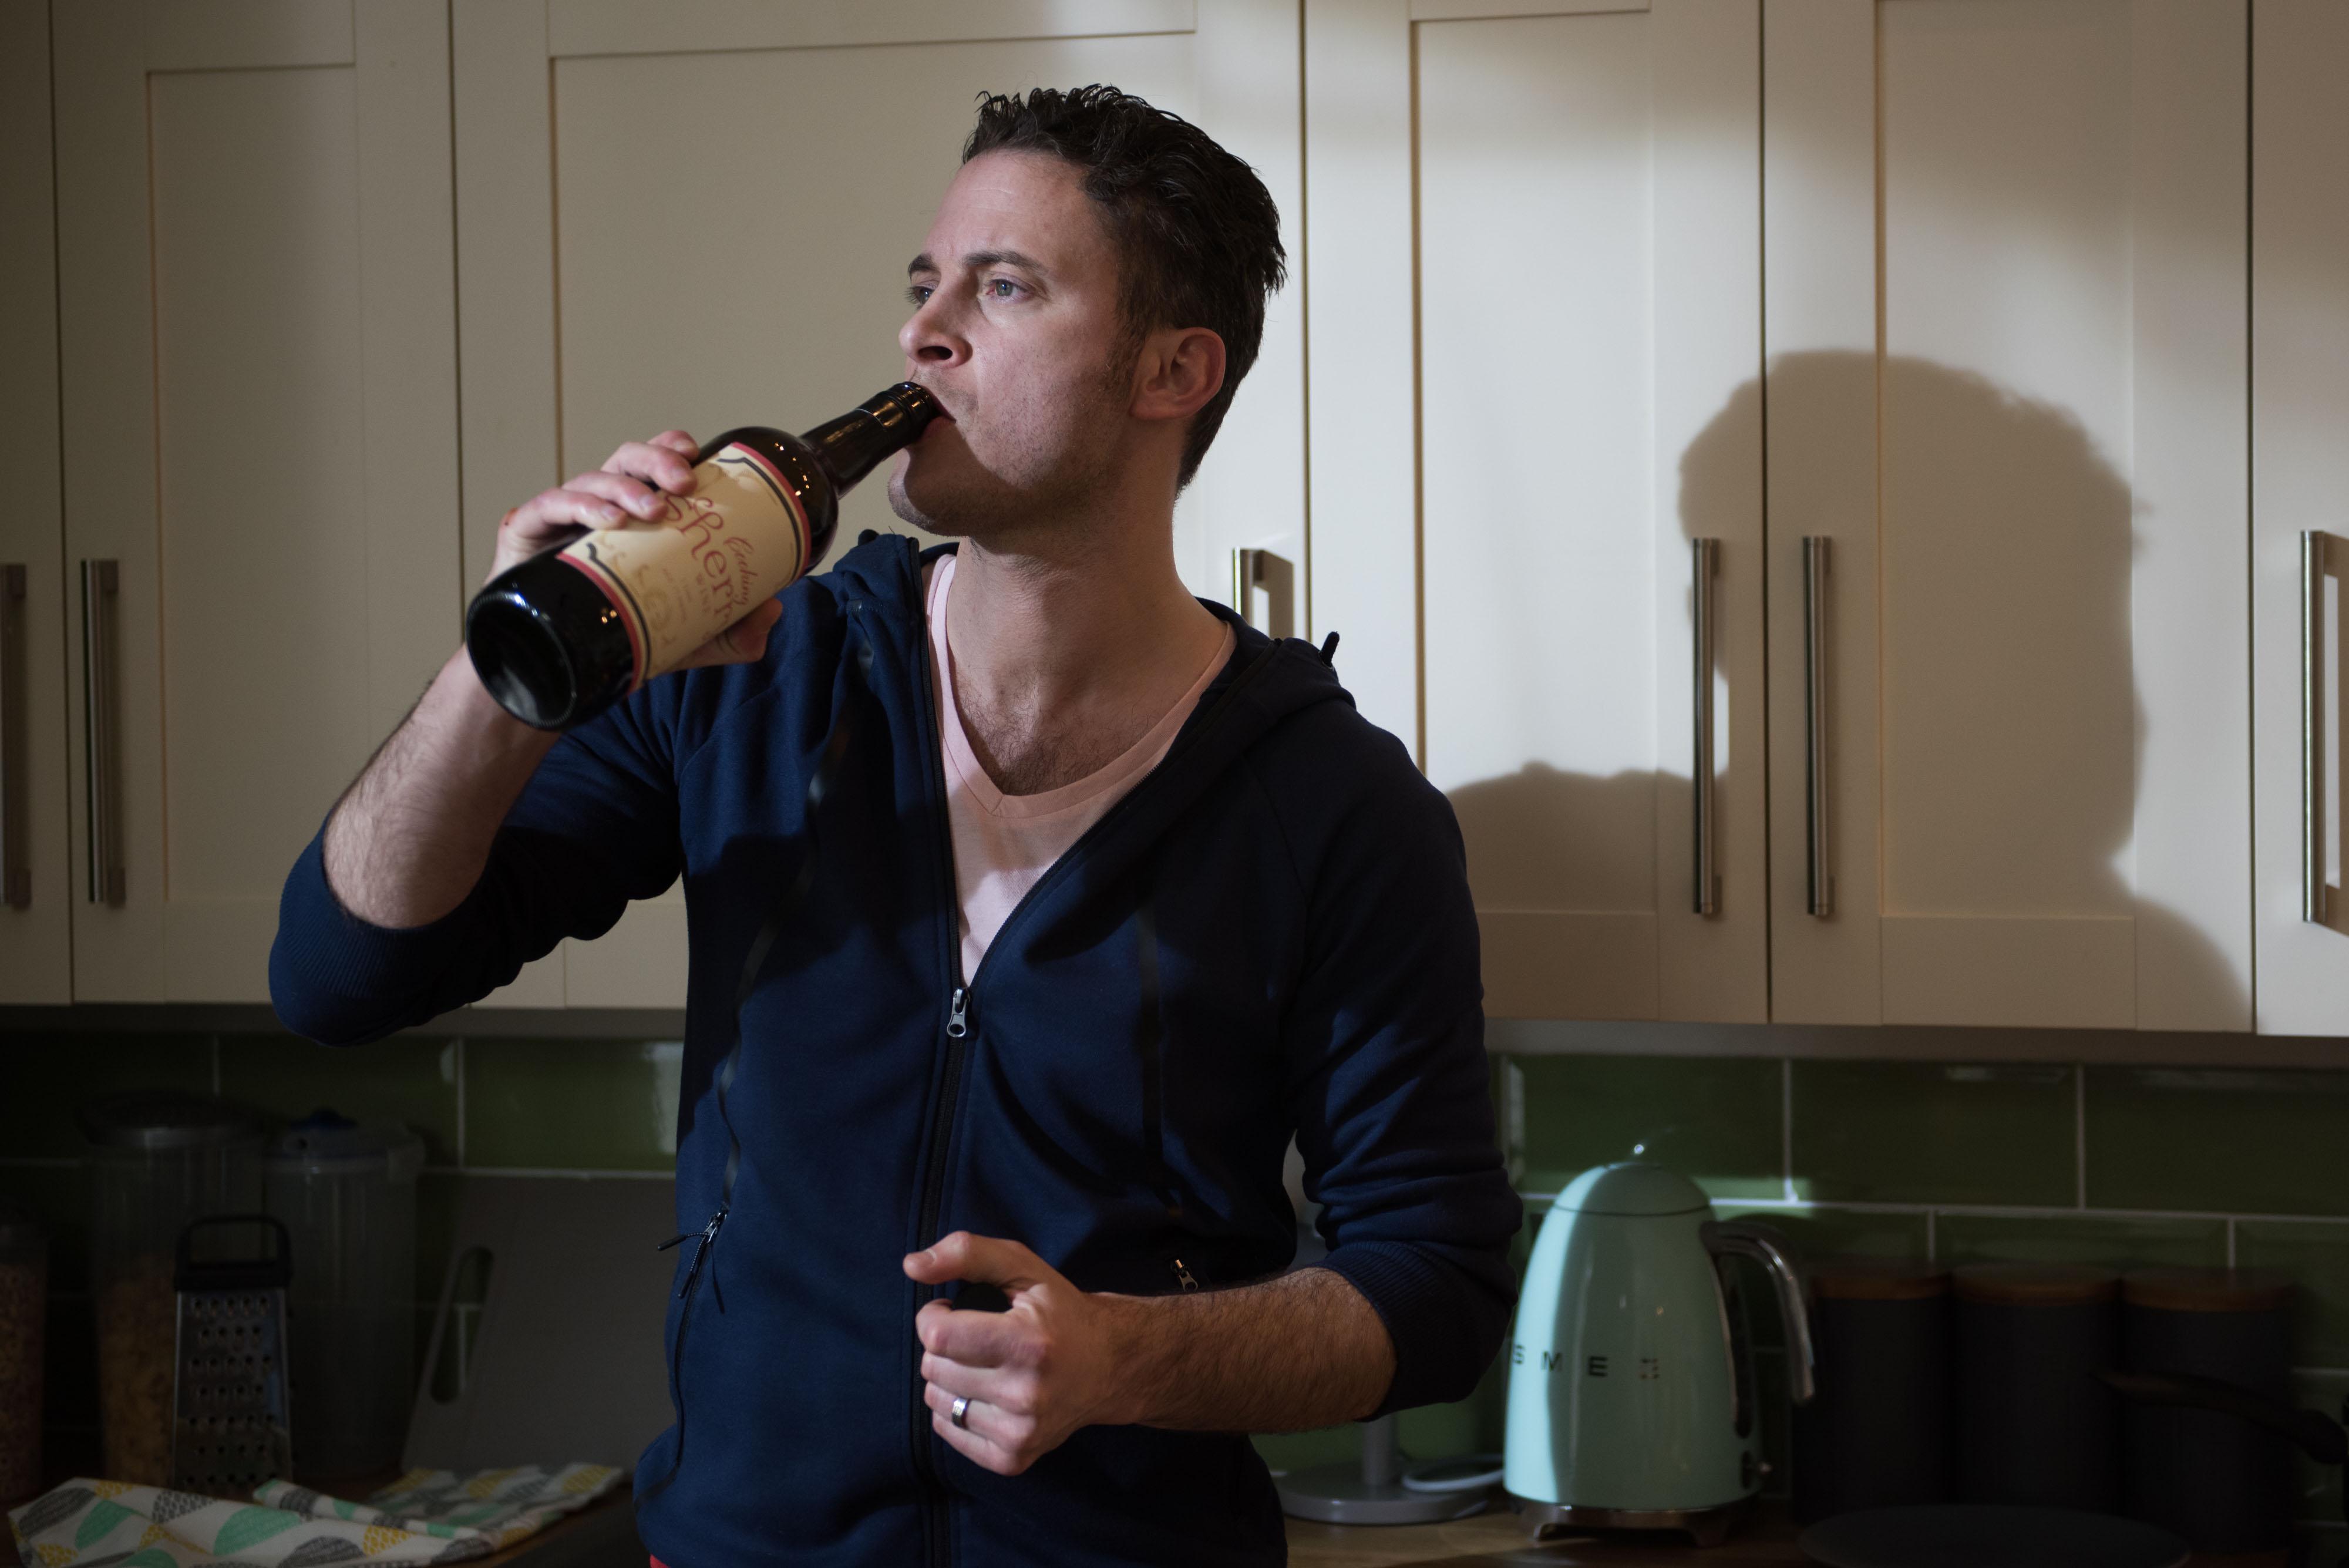 Luke is drinking again in Hollyoaks